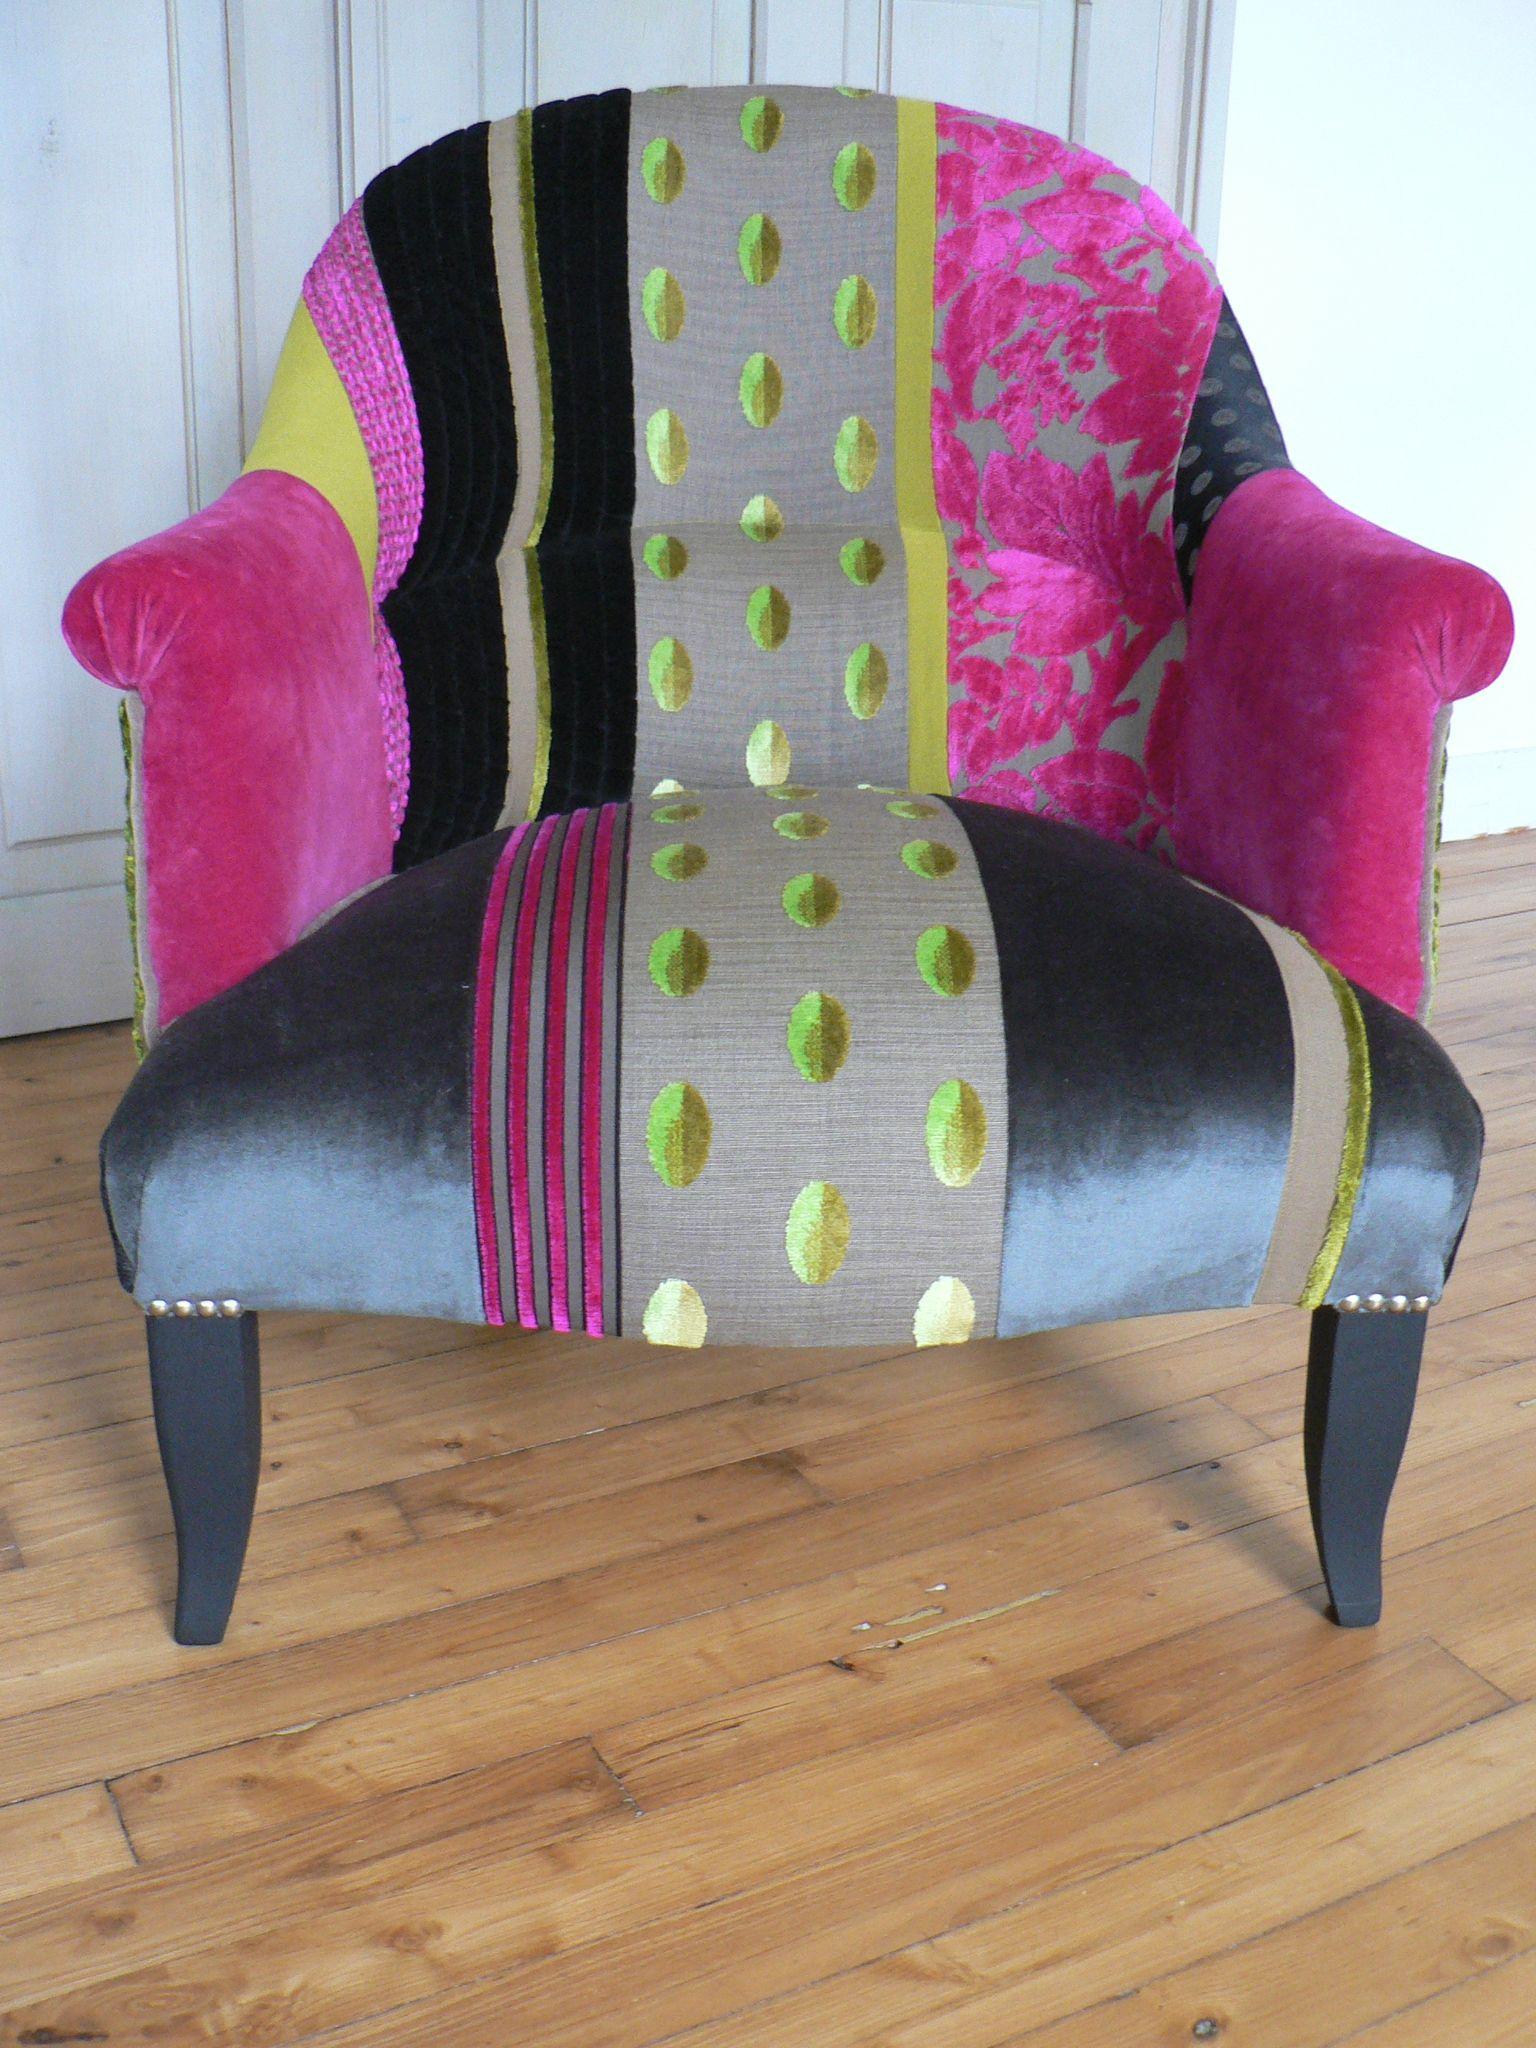 crapaud photo de cr ations vendues c t si ges tapissier brest restauration ameublement. Black Bedroom Furniture Sets. Home Design Ideas